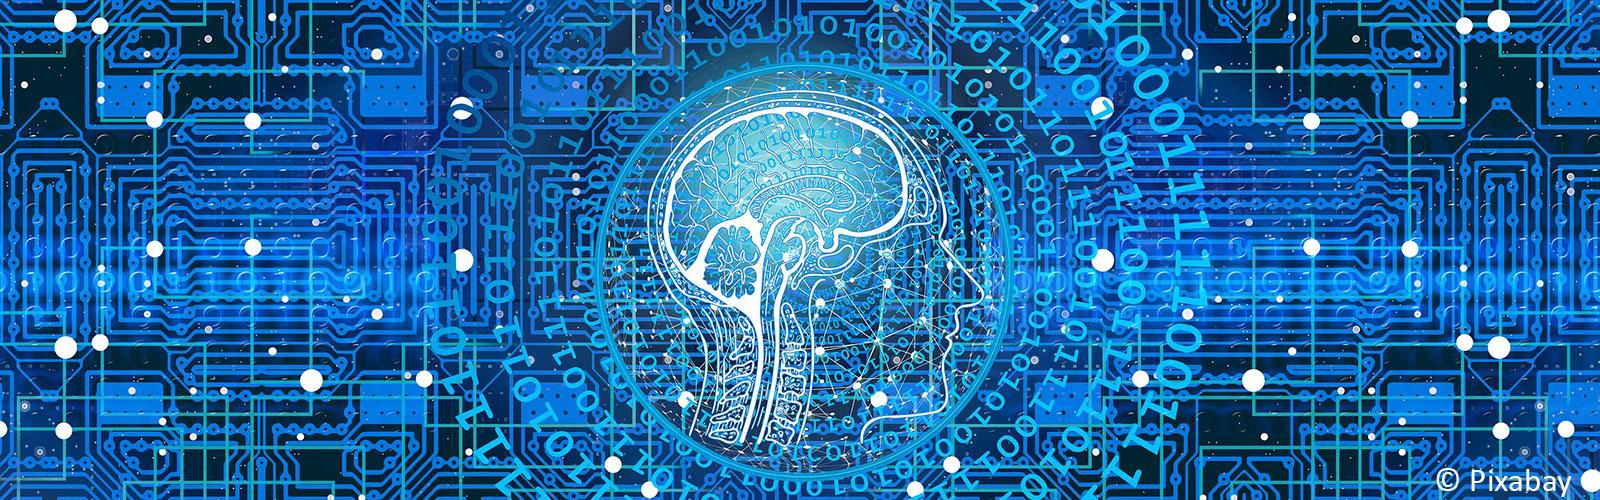 Künstliche Intelligenz in der verarbeitenden Industrie